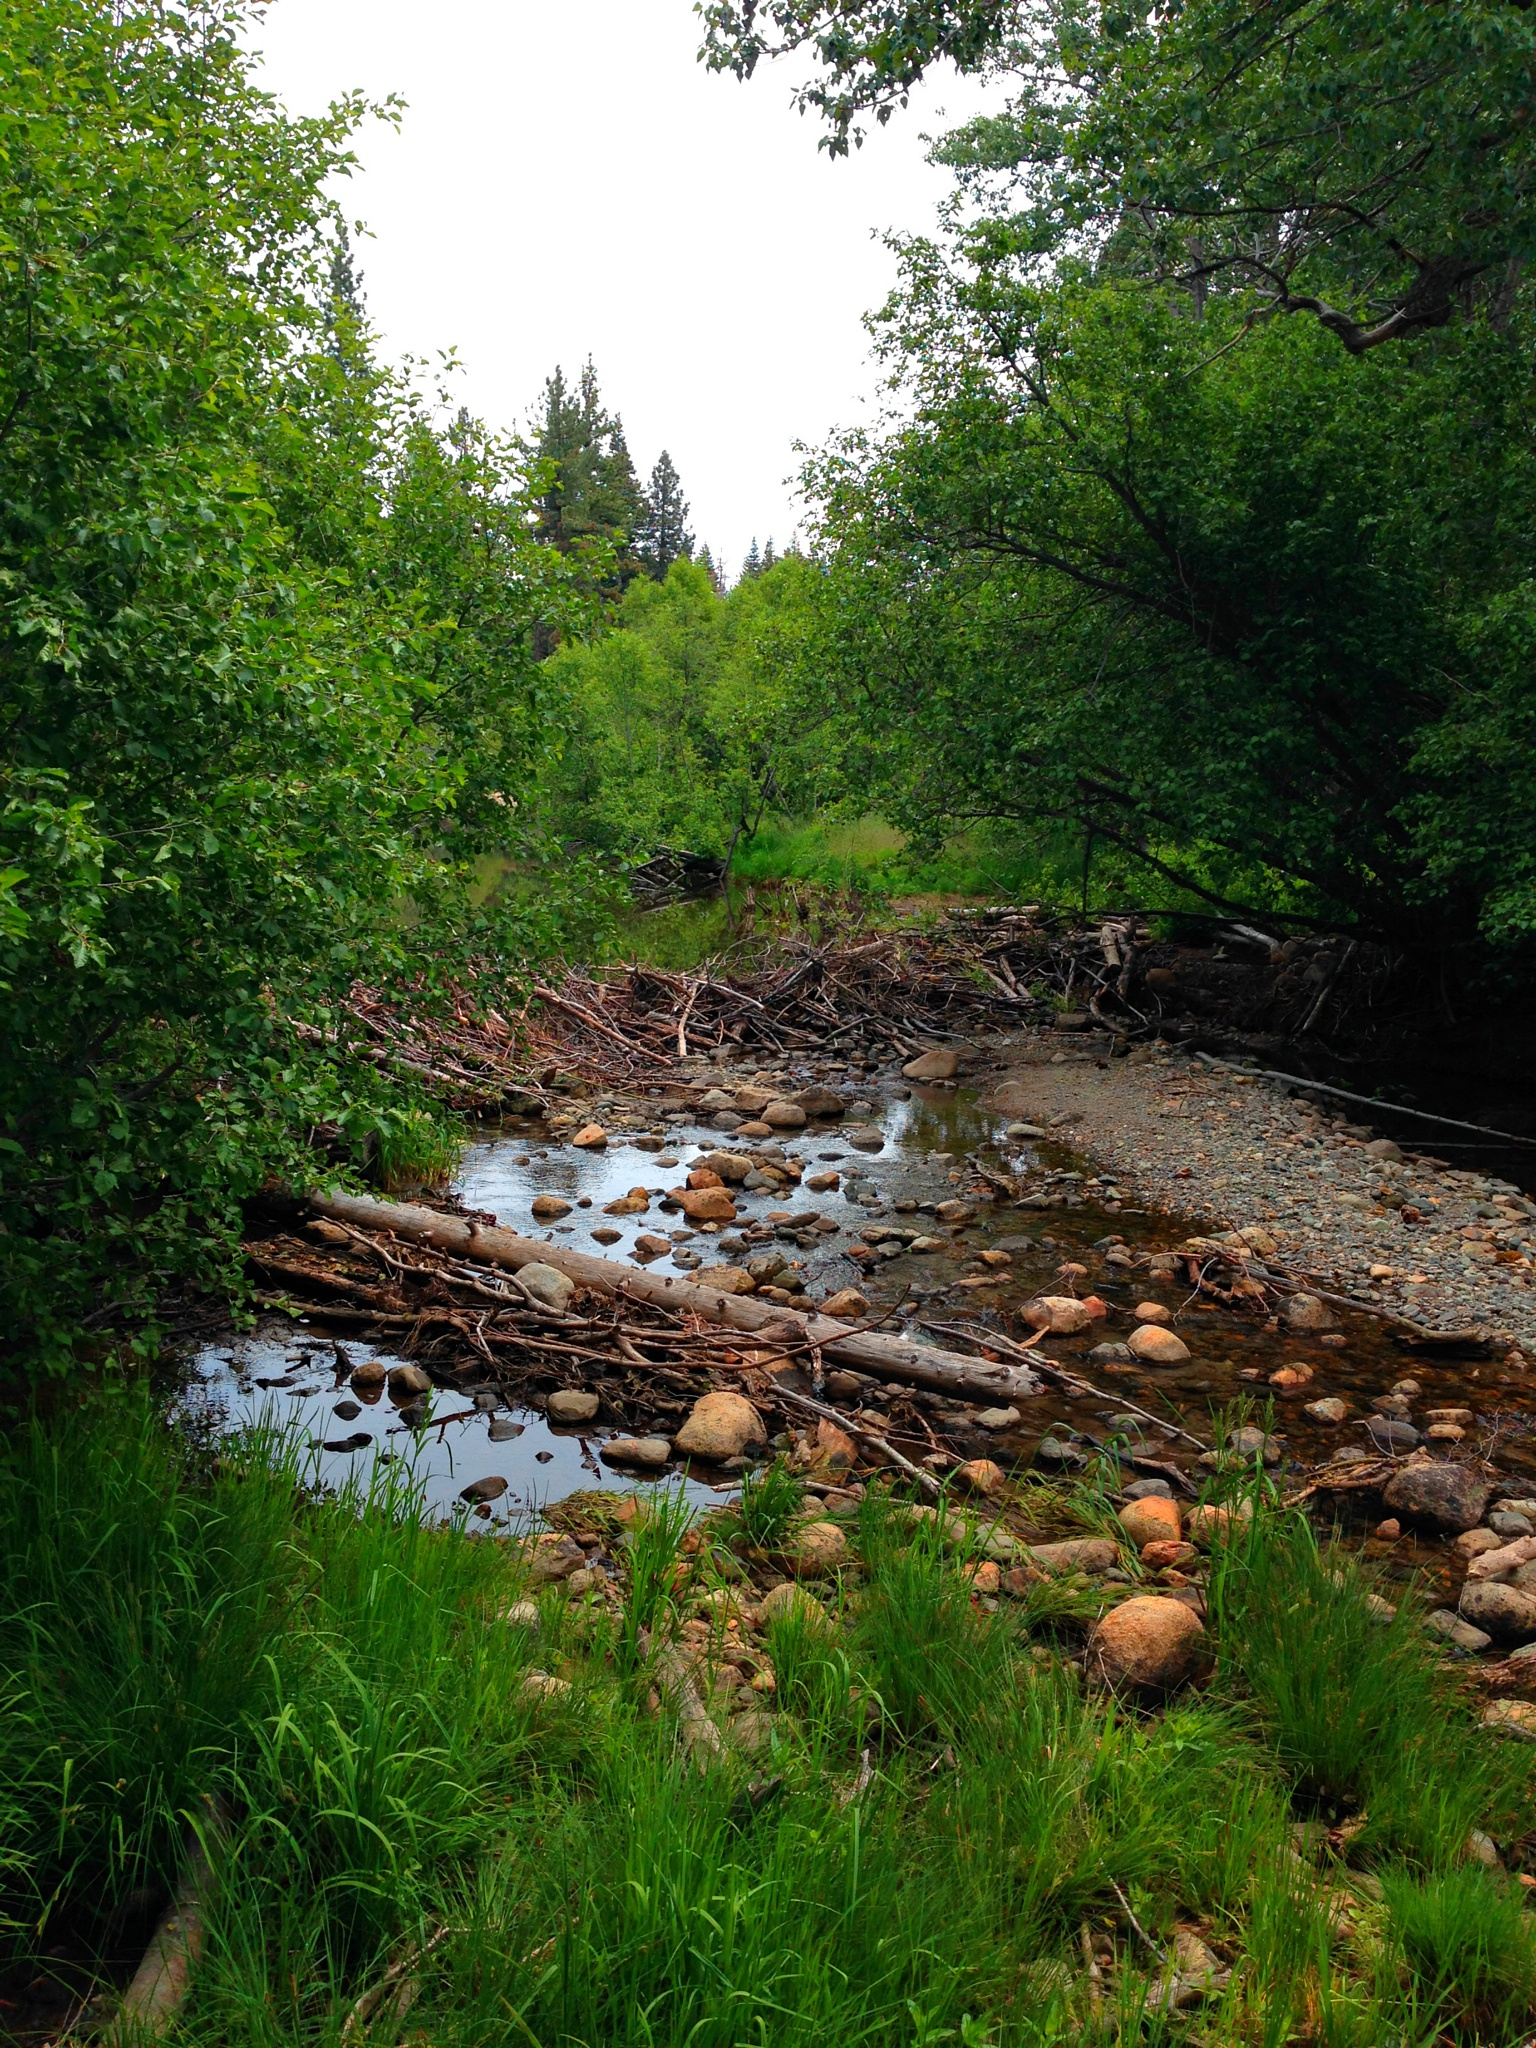 Beaver Dam by rayboudewyn